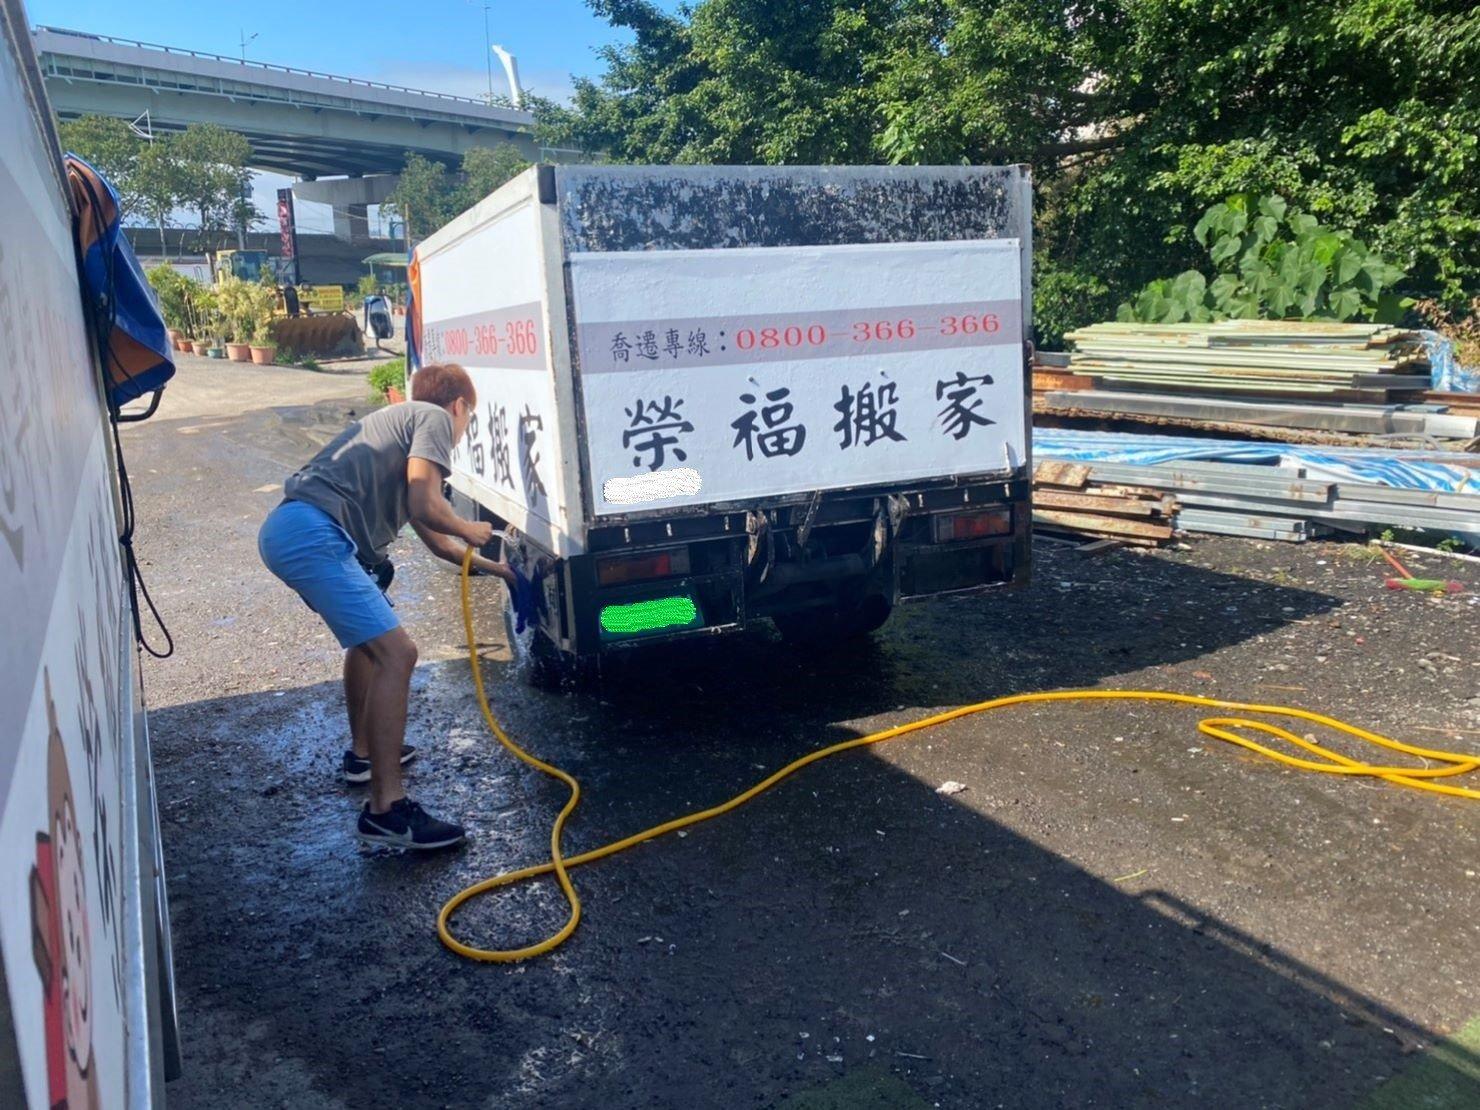 搬家推薦【榮福搬家】搬家口碑第一、台北搬家、新北搬家:廢棄物處理清運完畢後,榮福搬家師傅會將搬家貨車清洗乾淨。